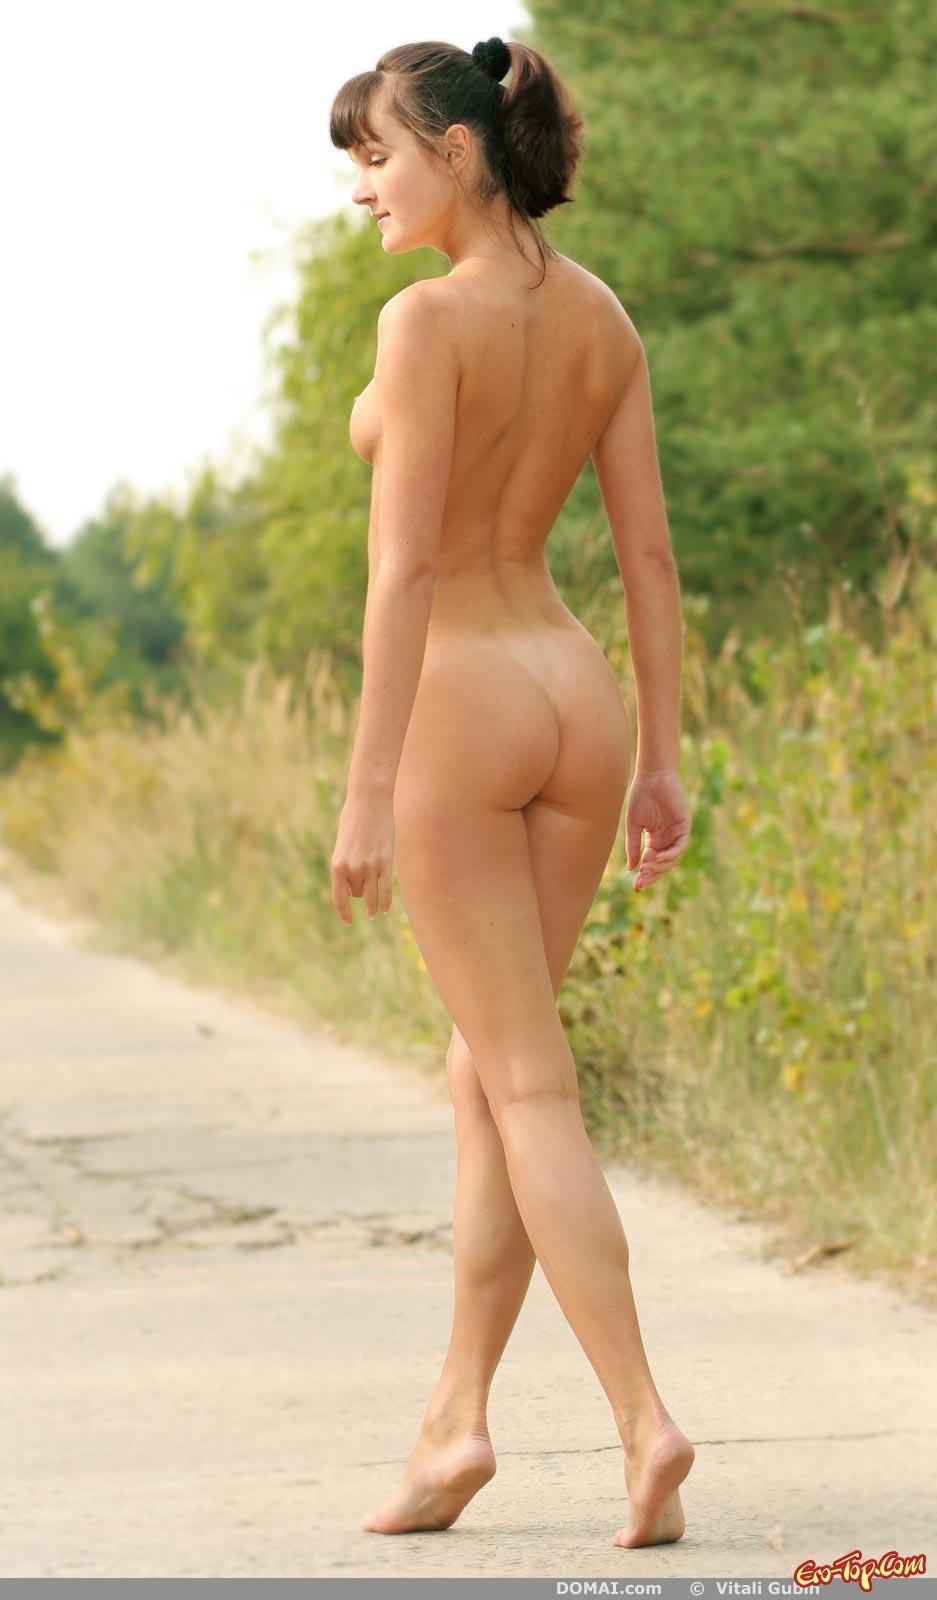 Нагая девка бродит у дороги